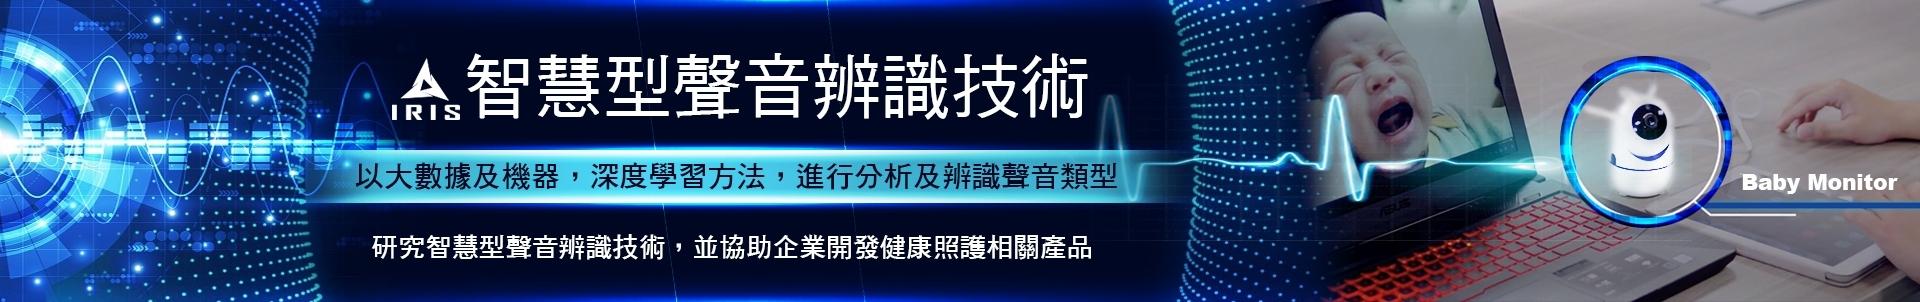 智慧聲音辨識技術-banner FIN